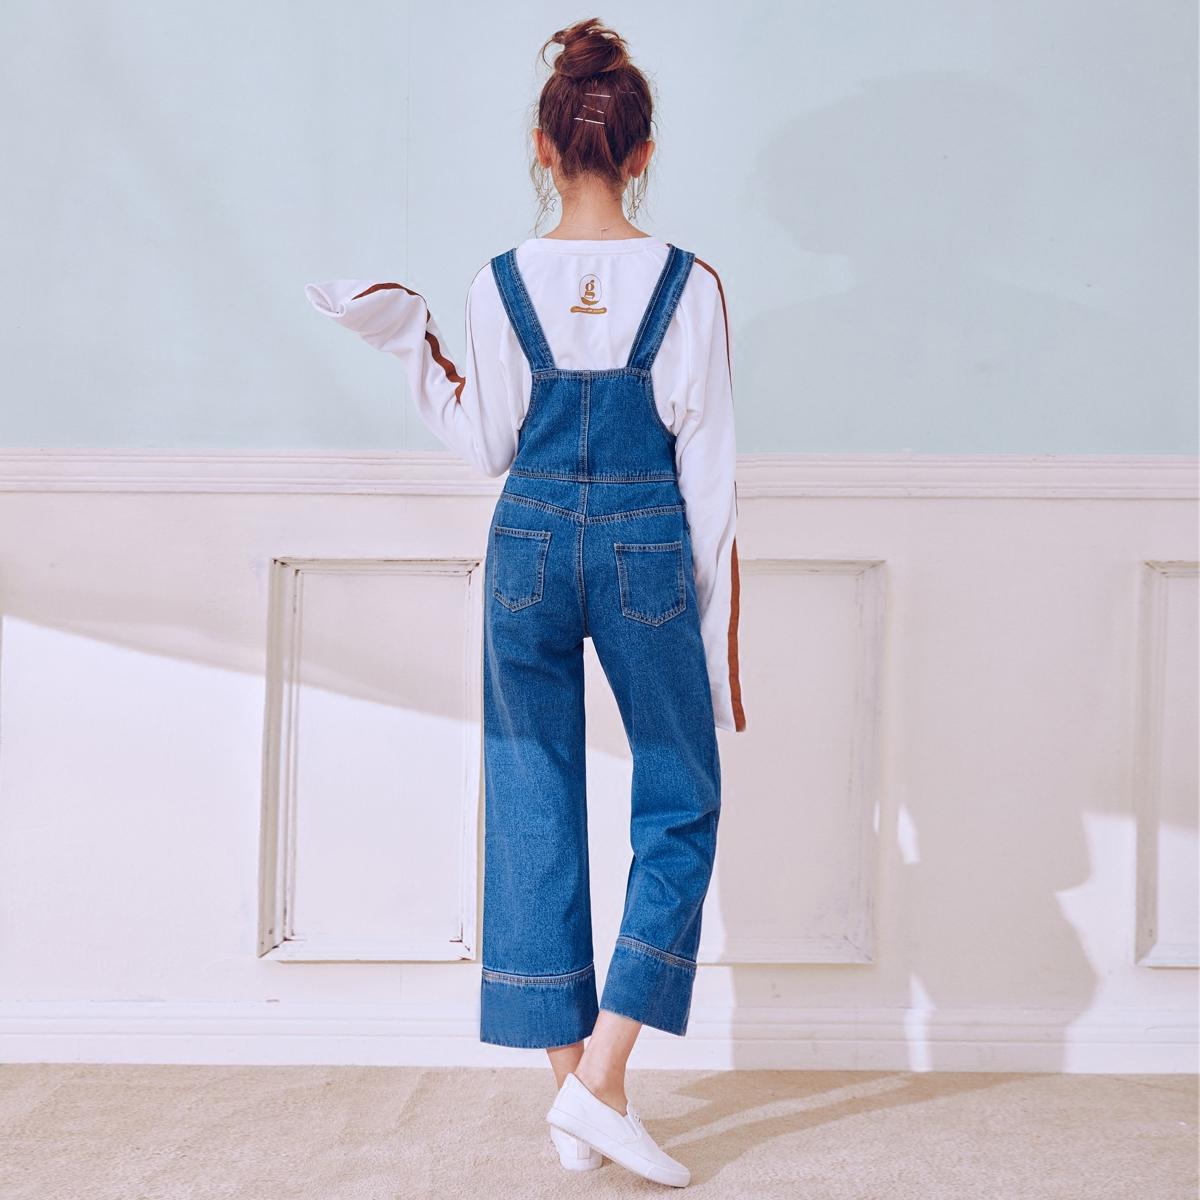 Джинсы женские 2018 весна и осень высокой талией джинсовые комбинезоны женщин обрезанные студент брюки широкую ногу свободные корейской версии прямые мягкие сестра комбинезон